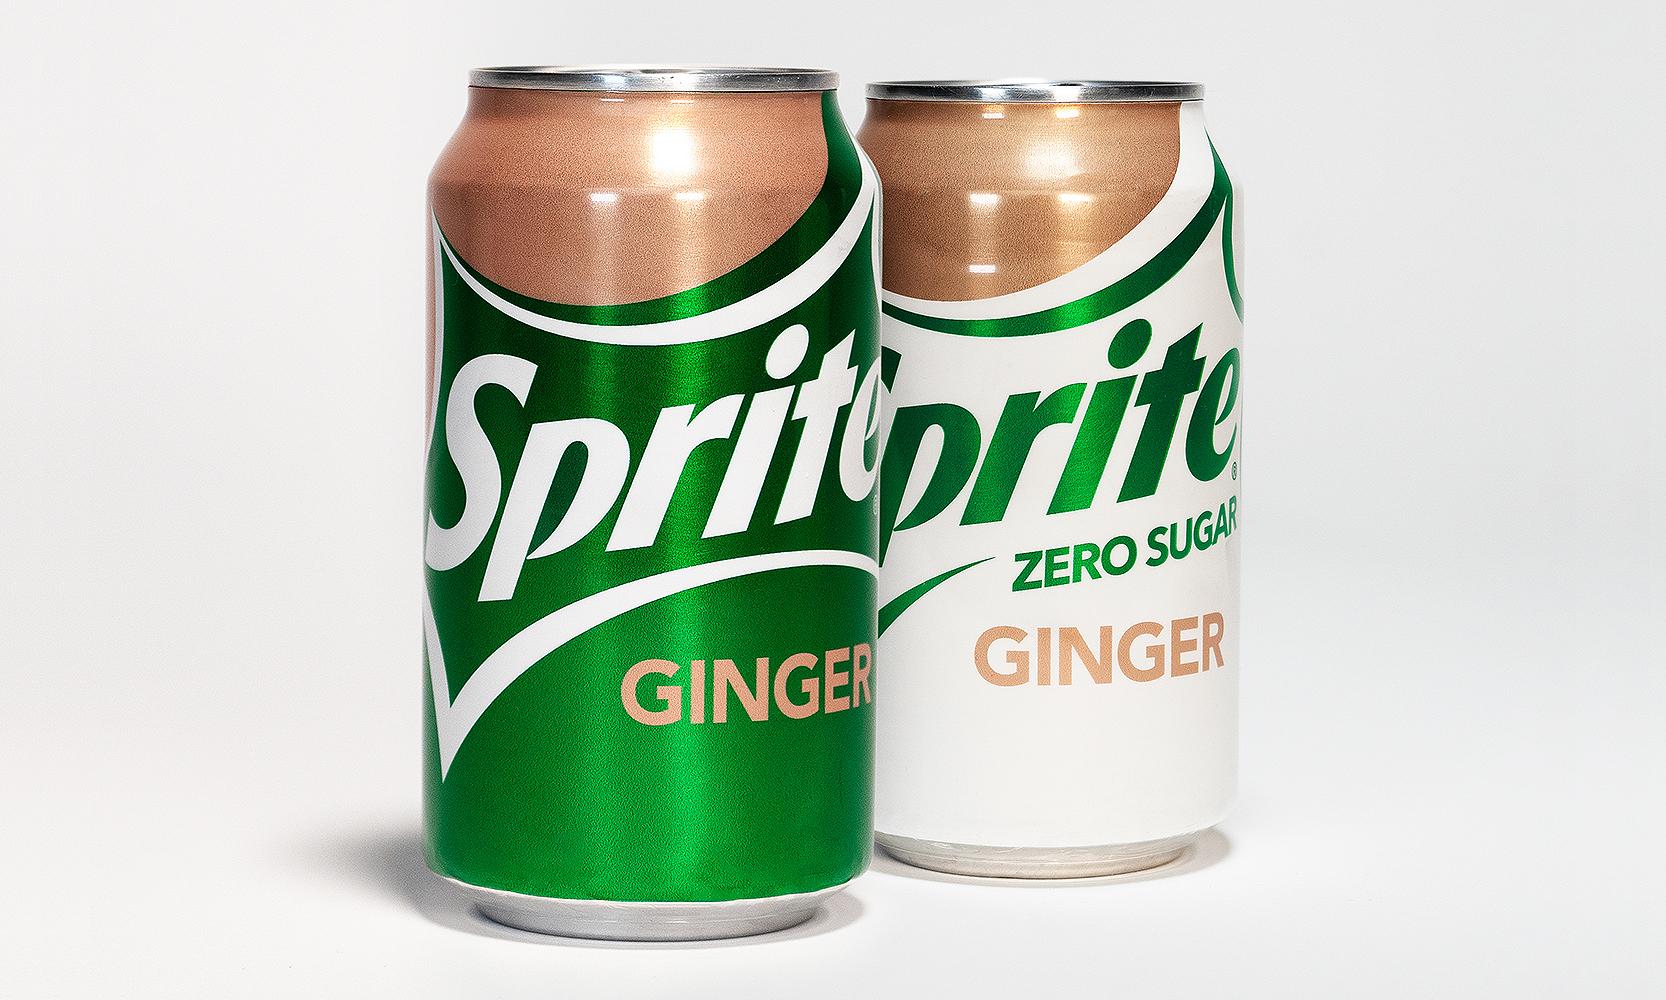 可口可乐公司推出全新 Sprite Ginger 口味饮料